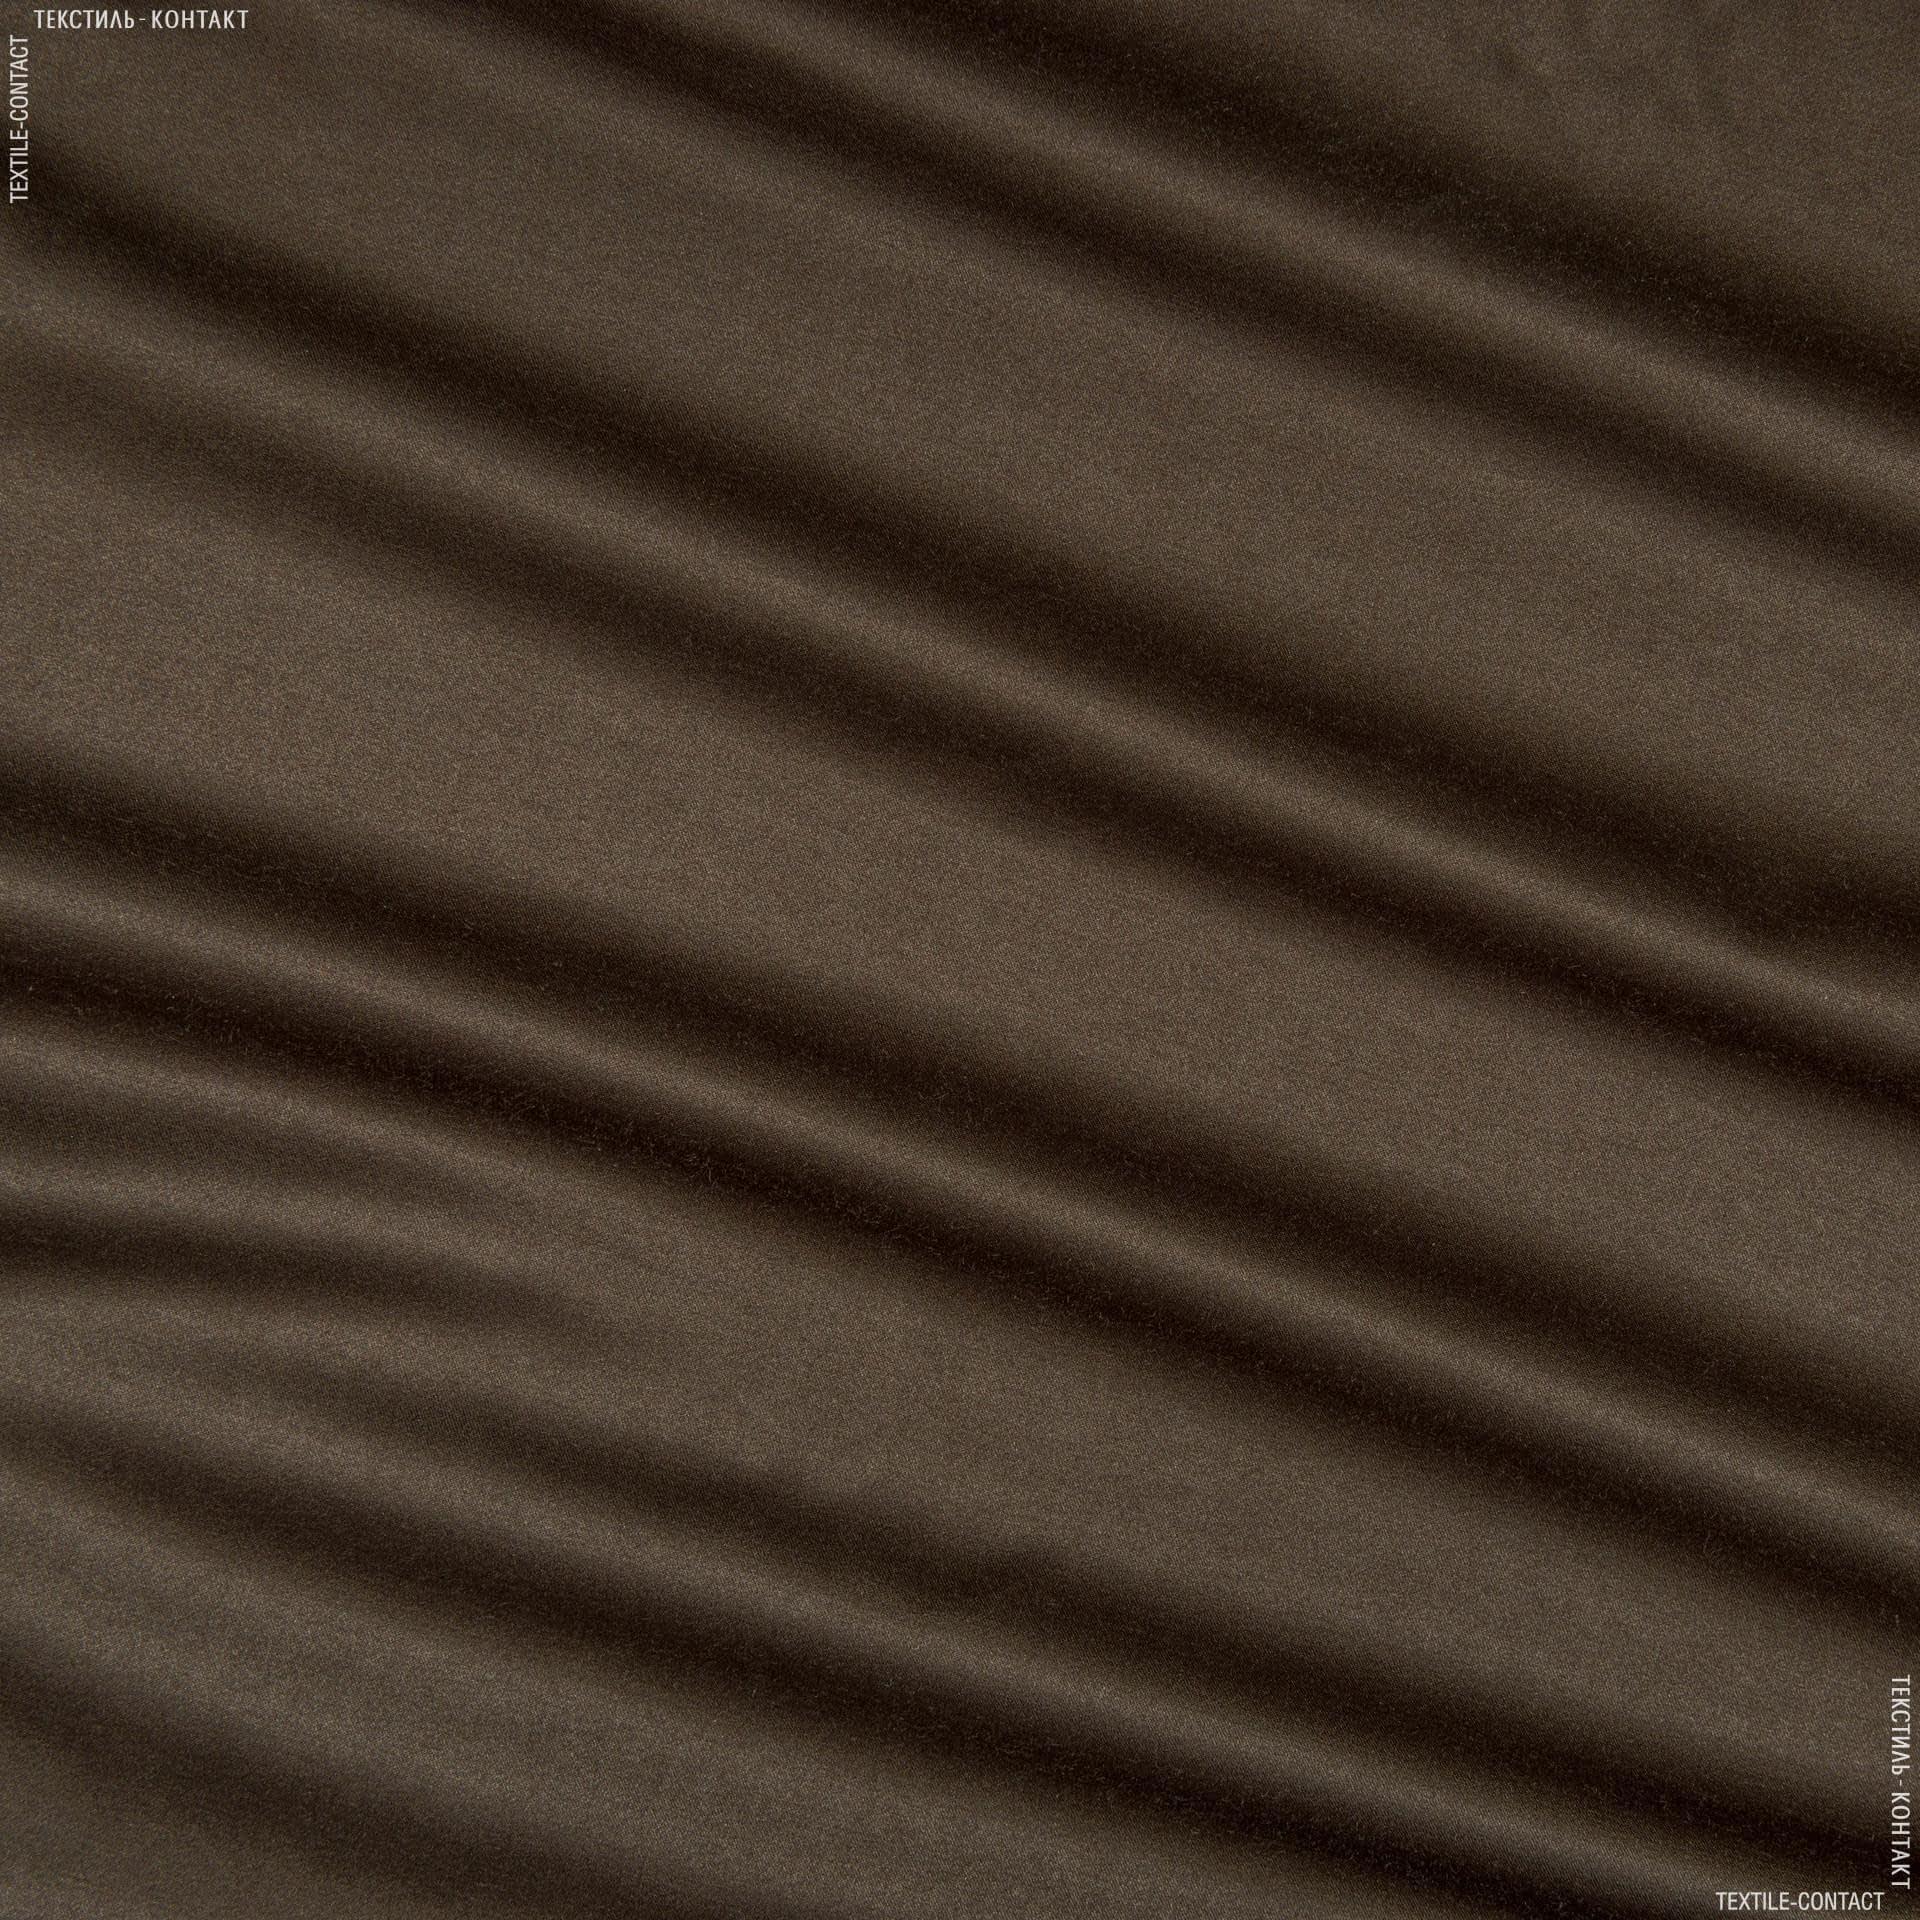 Ткани для банкетных и фуршетных юбок - Ткань скатертная aragon т.коричневый